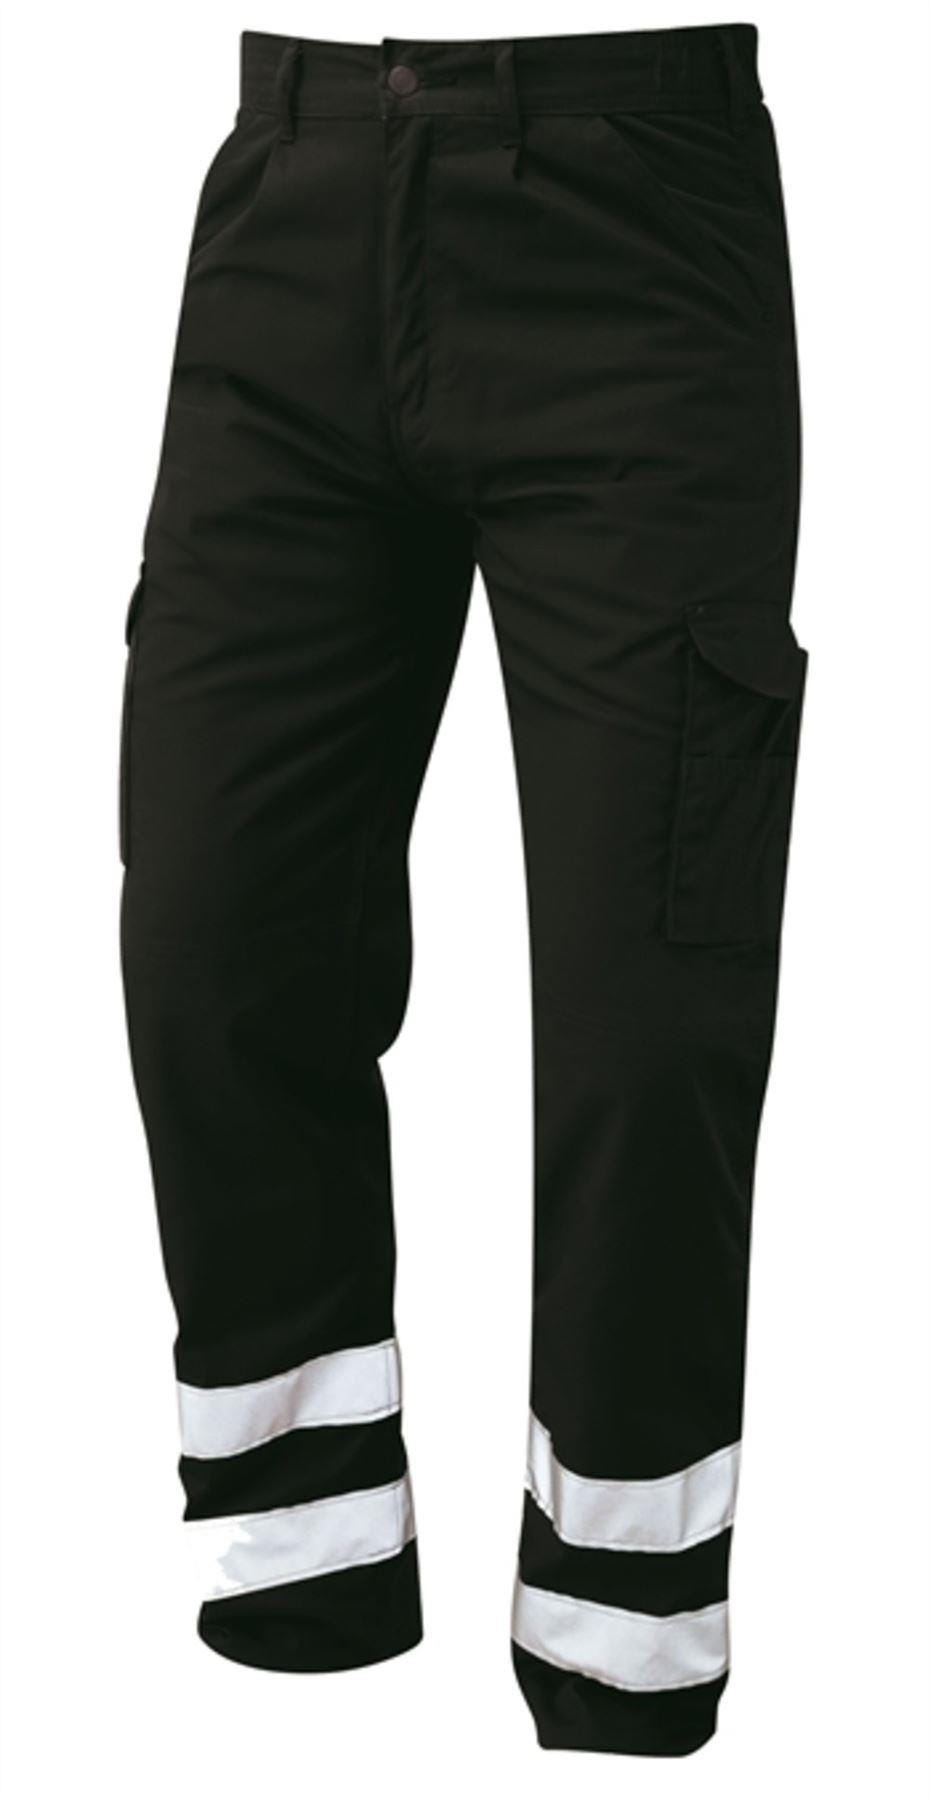 Orn Condor Hi Vis Kneepad Trousers - Black|60W35L